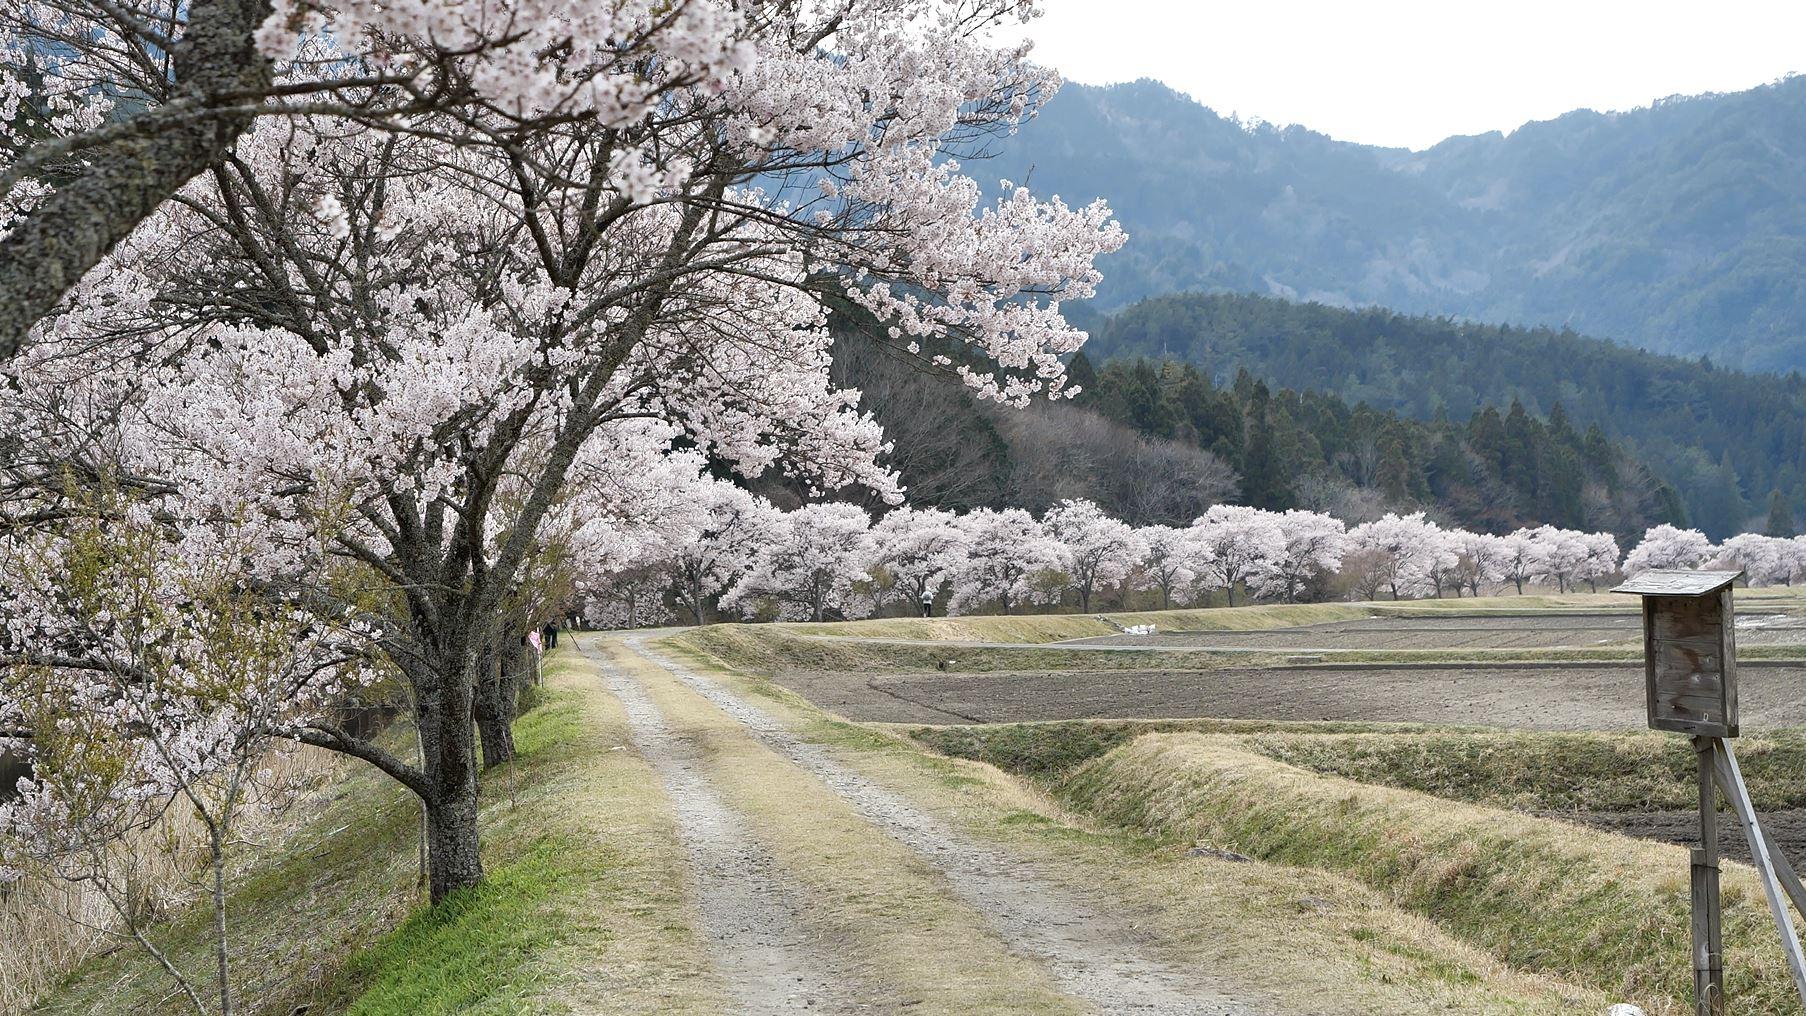 設楽町名倉川コヒガン桜並木道2